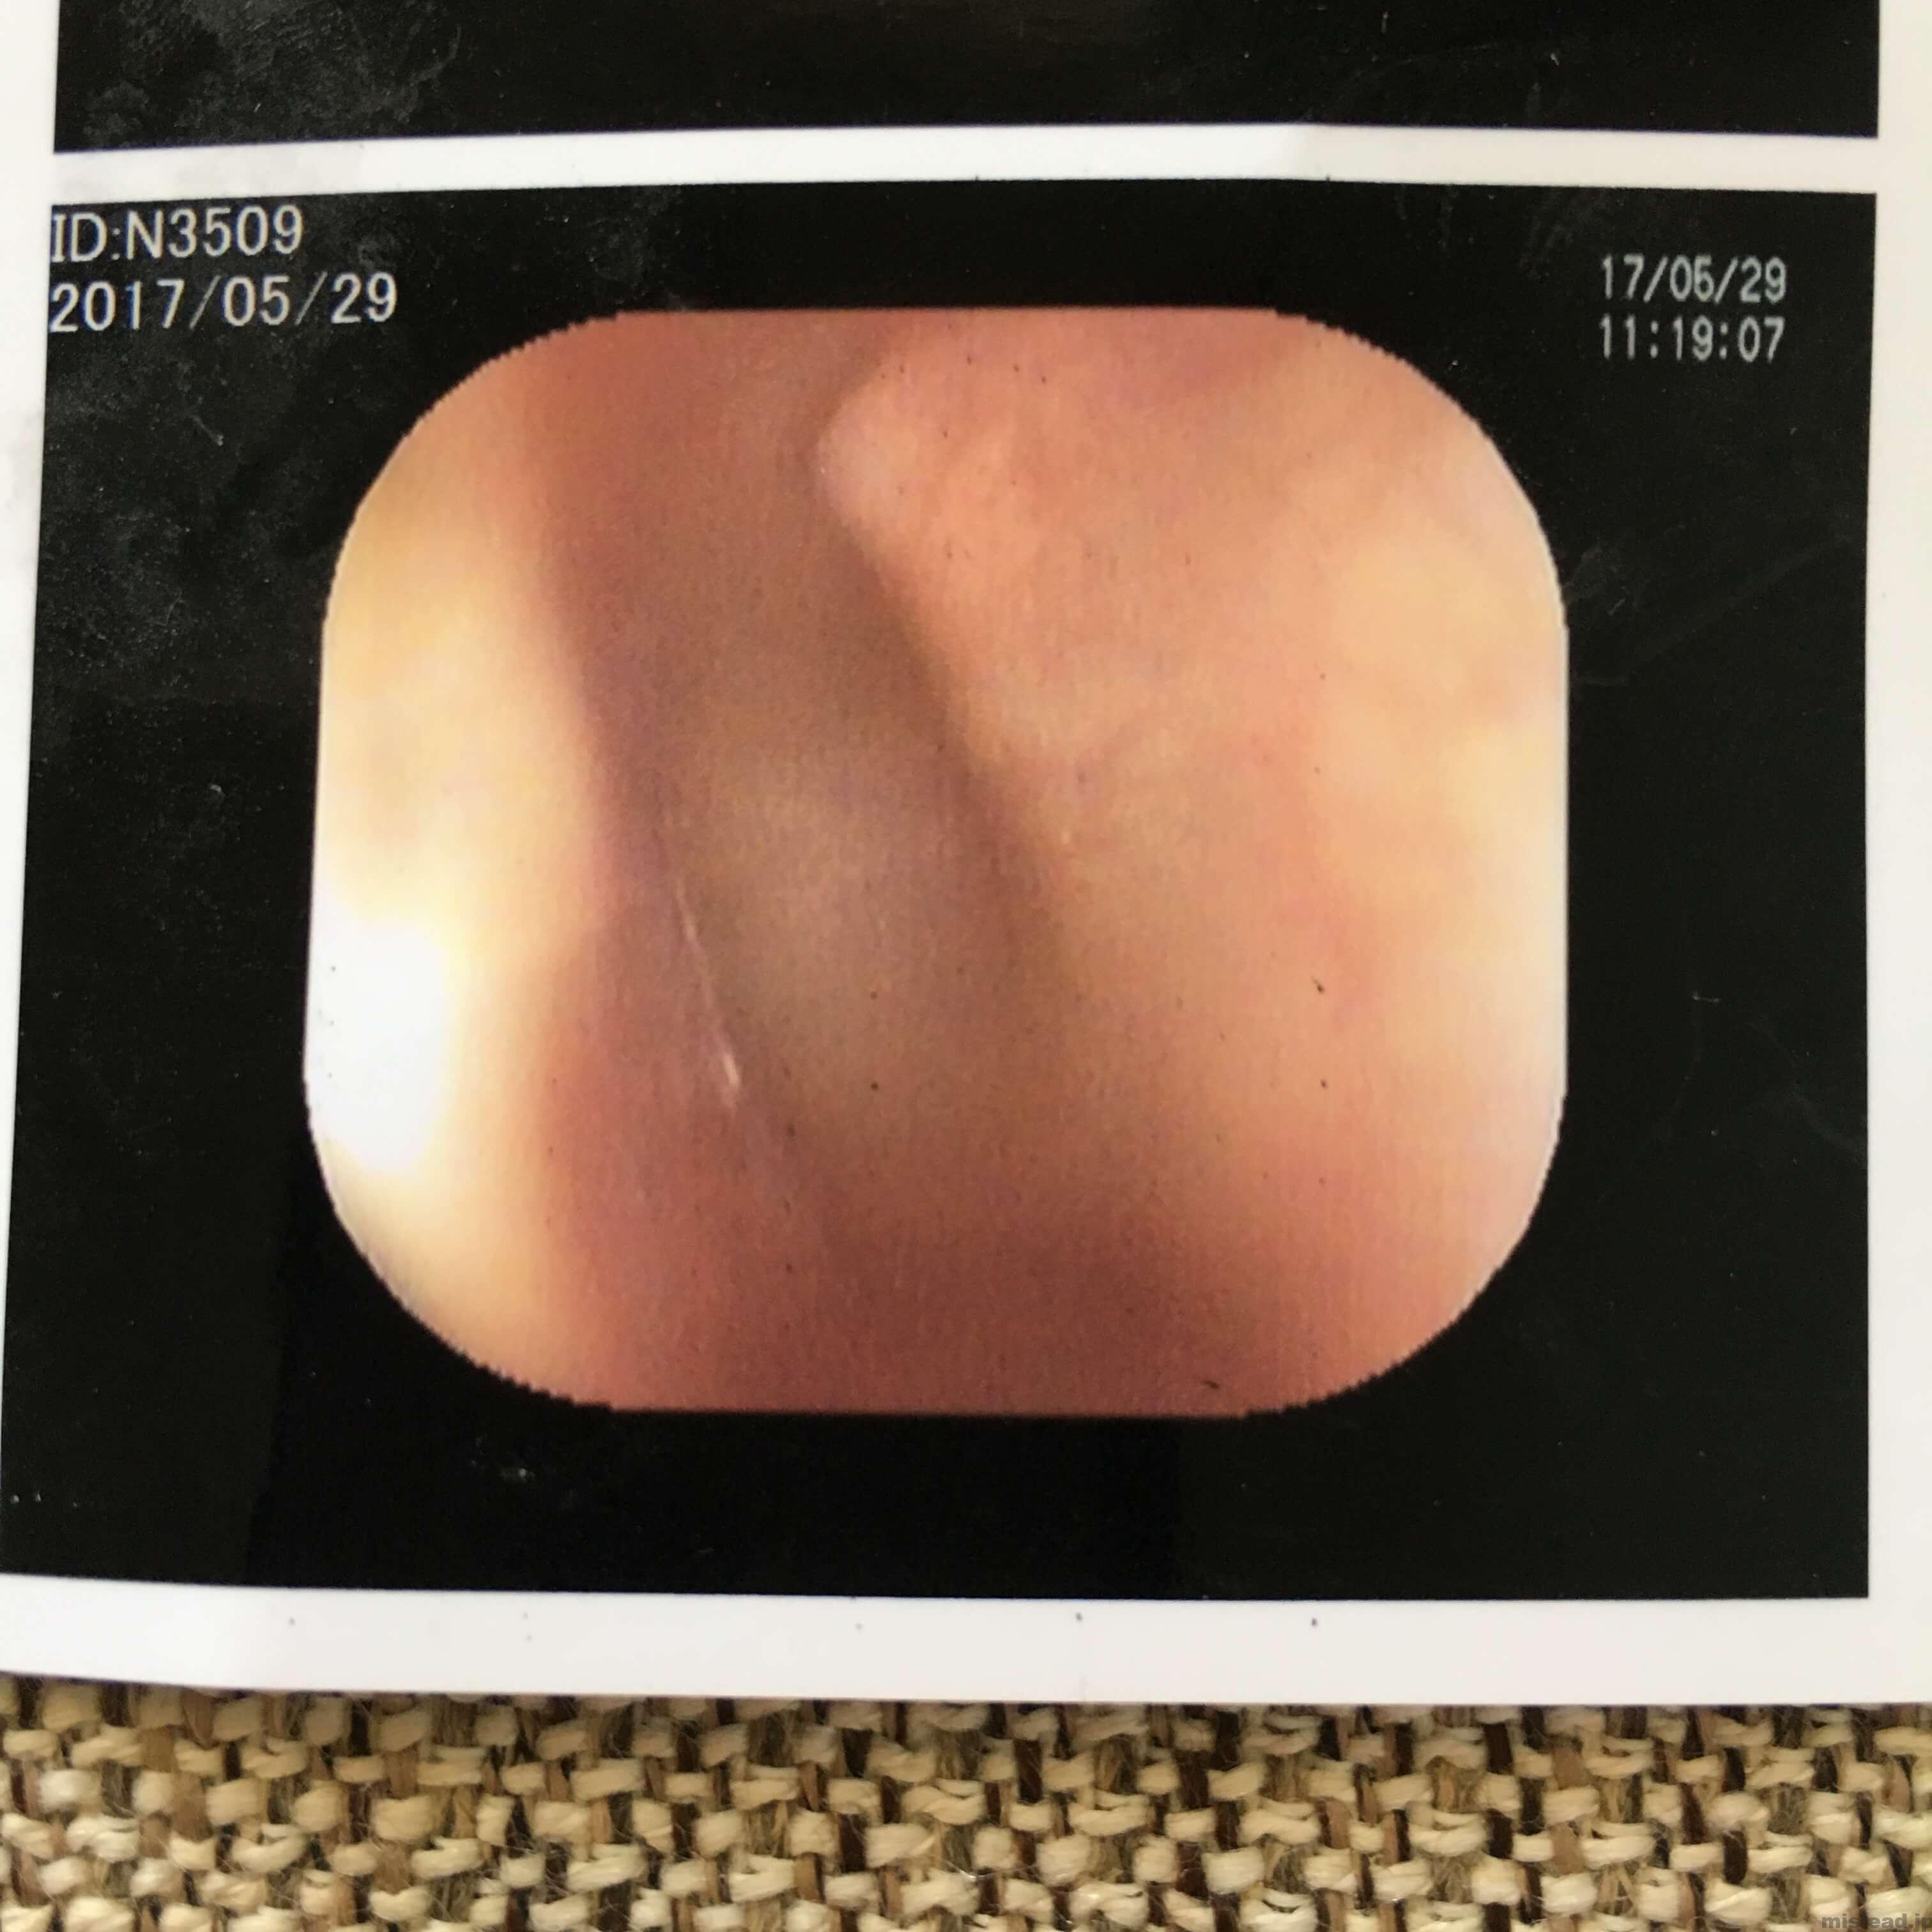 鼓膜切開後の中耳炎の診察 左耳